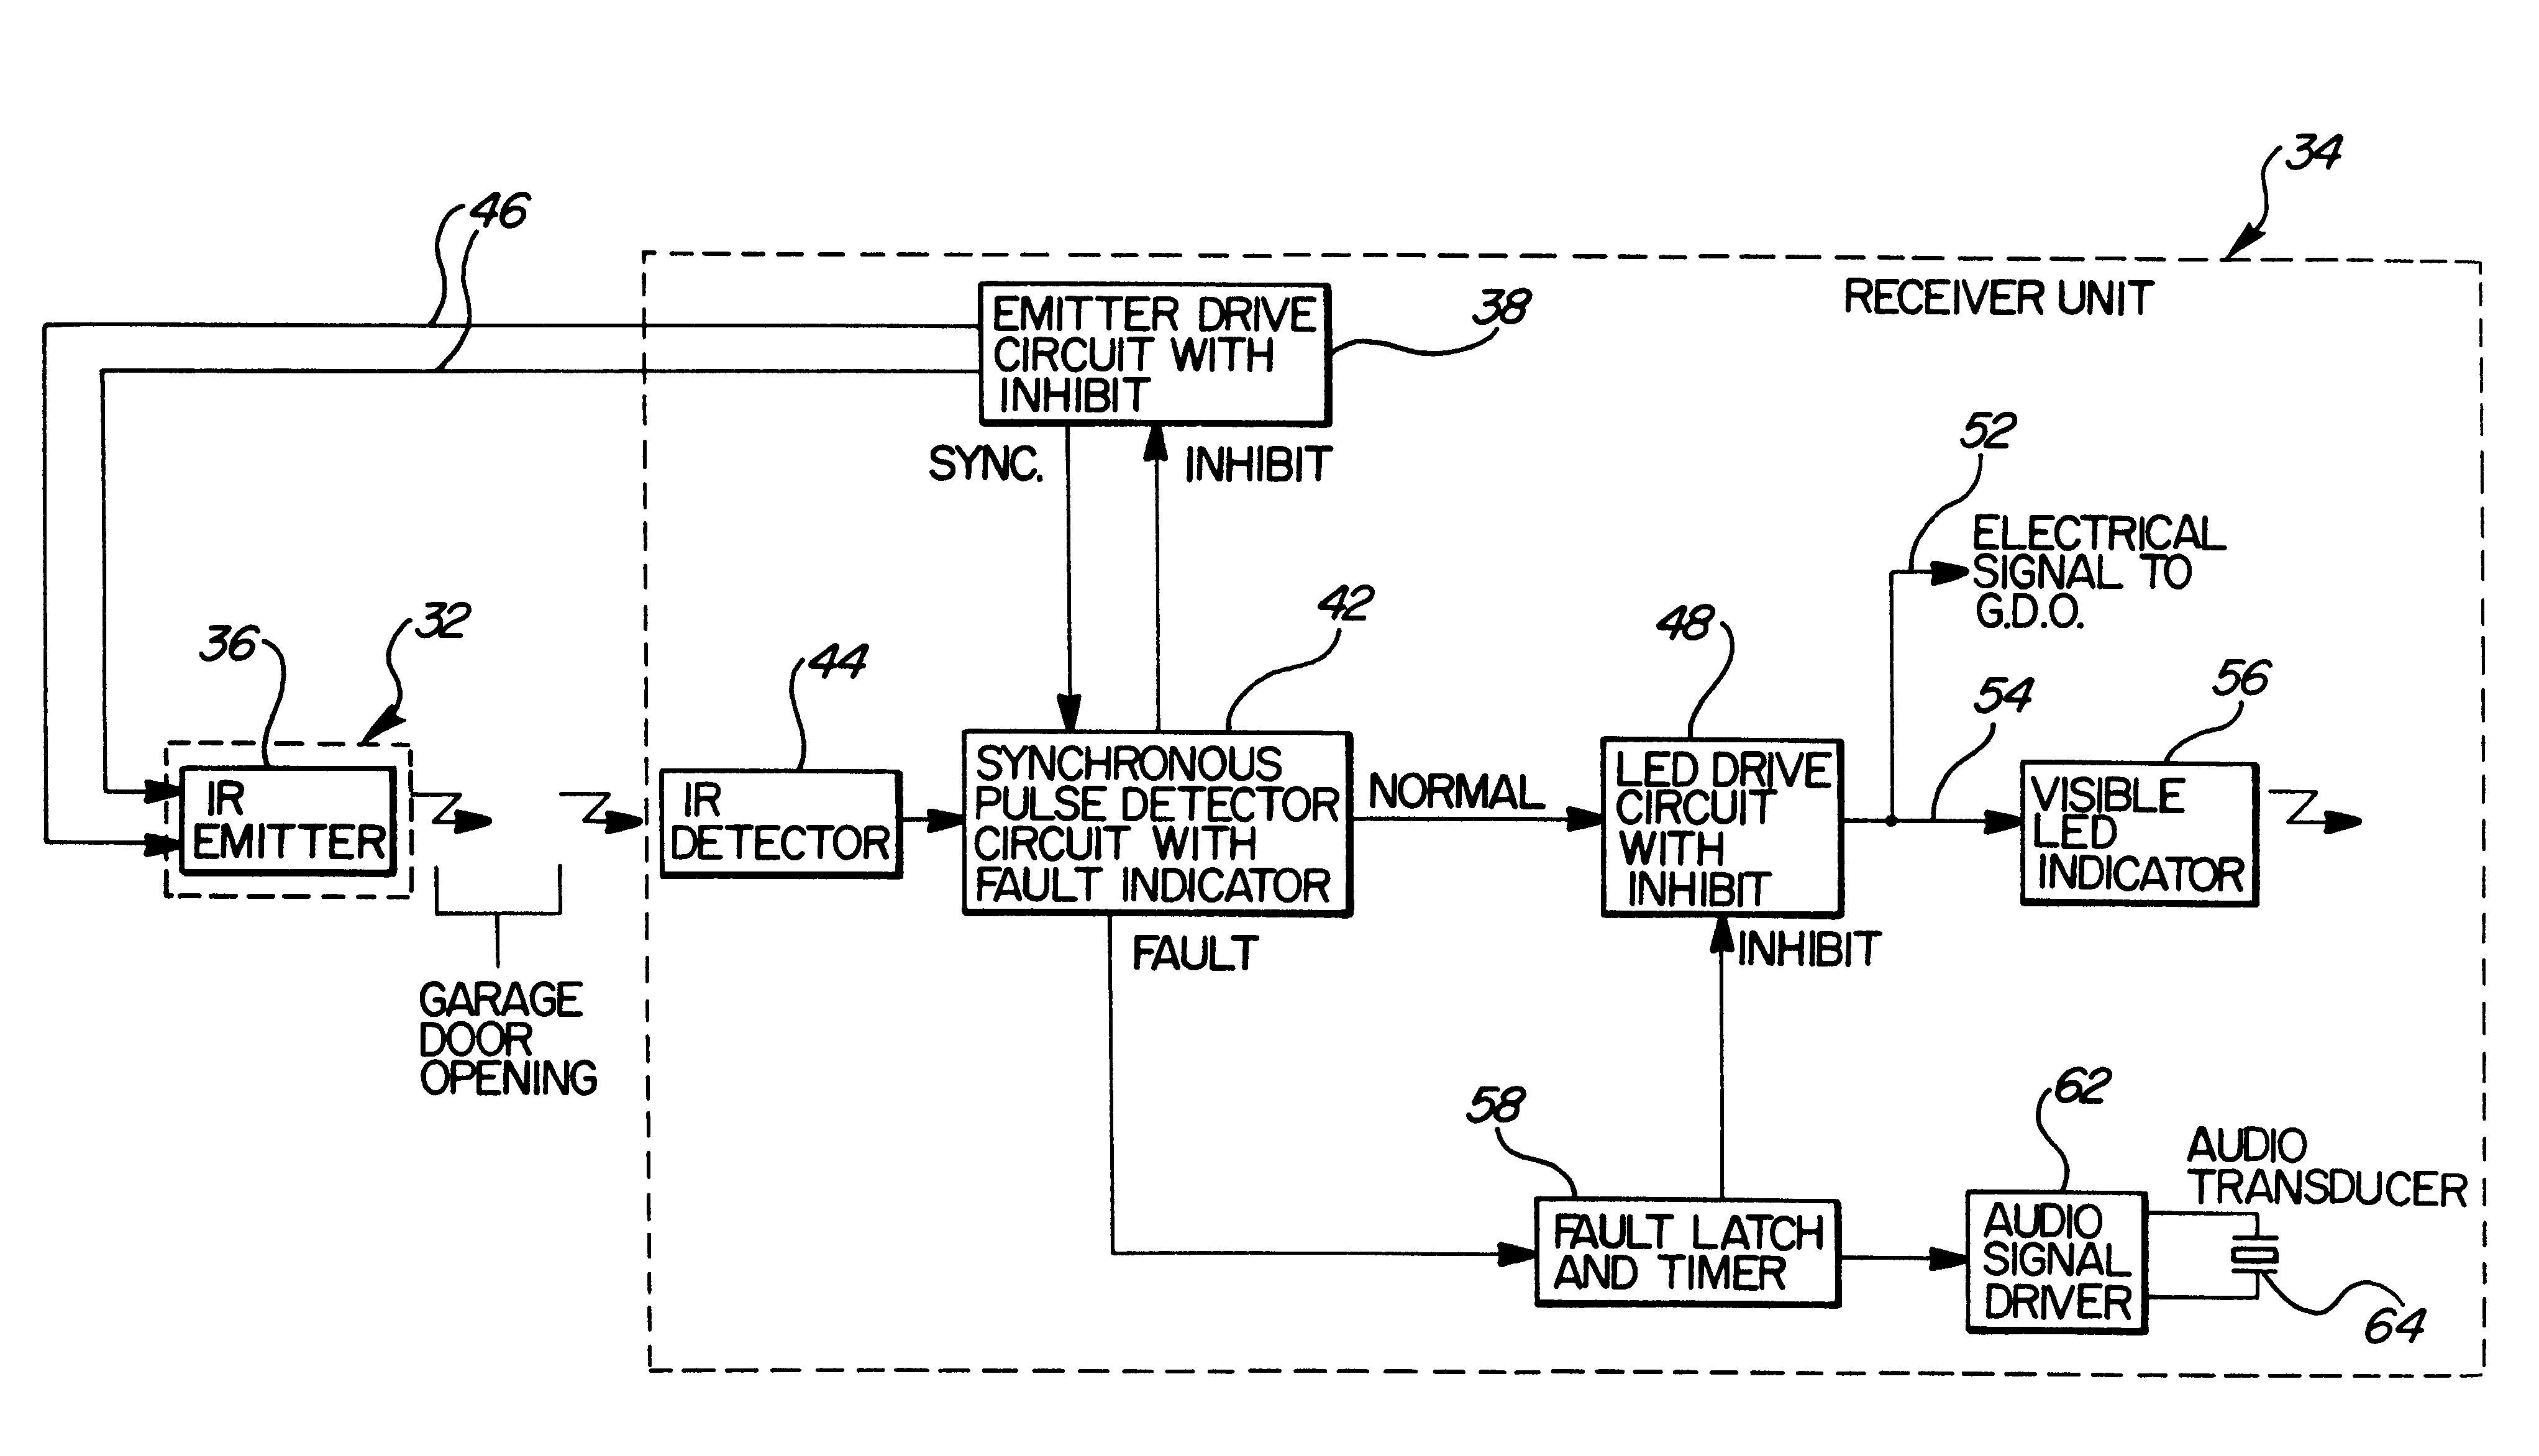 Garage Door Wiring Diagram Valid Wiring Diagram for A Chamberlain Garage Door Opener Alluring Of Garage Door Wiring Diagram